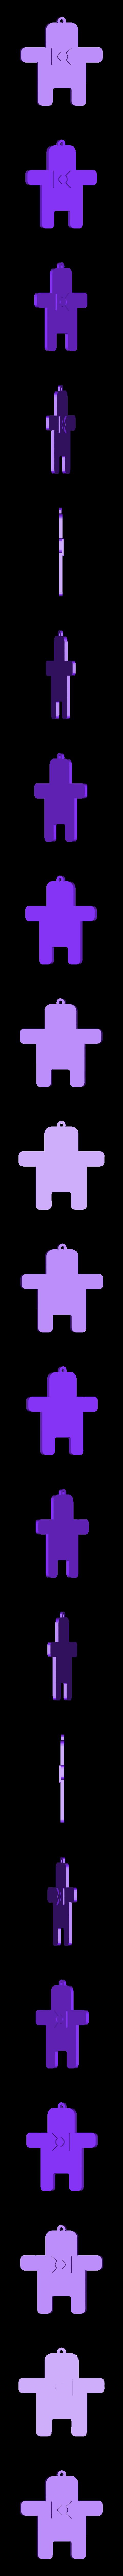 NoNe_keychain.stl Download free STL file NoNe's Keychain • 3D printer design, NoNe